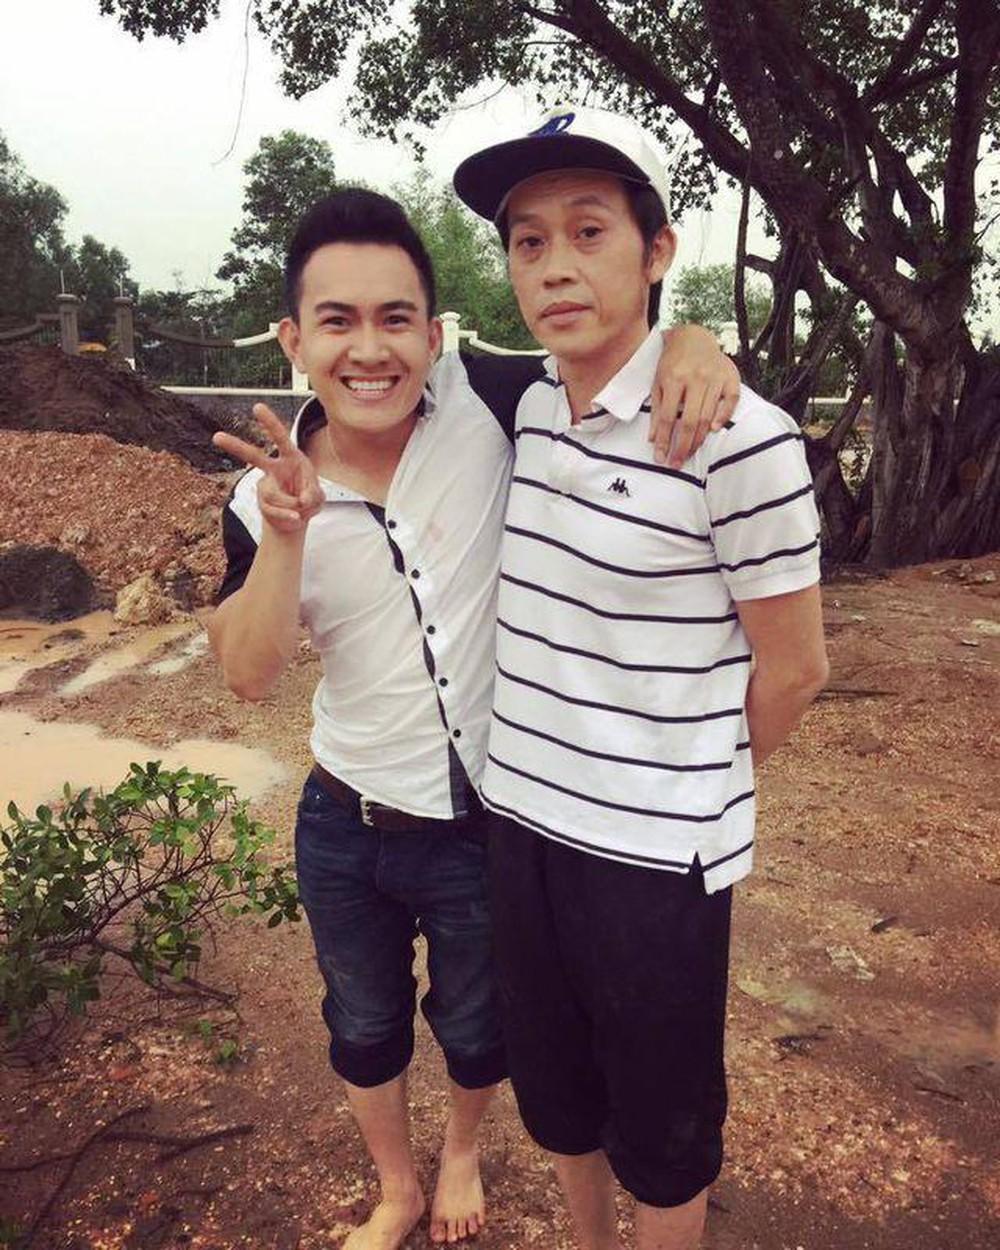 Con trai ruột Hoài Linh đăng ảnh cùng cha từ năm 15 tuổi, dung mạo khác biệt - hình ảnh 4